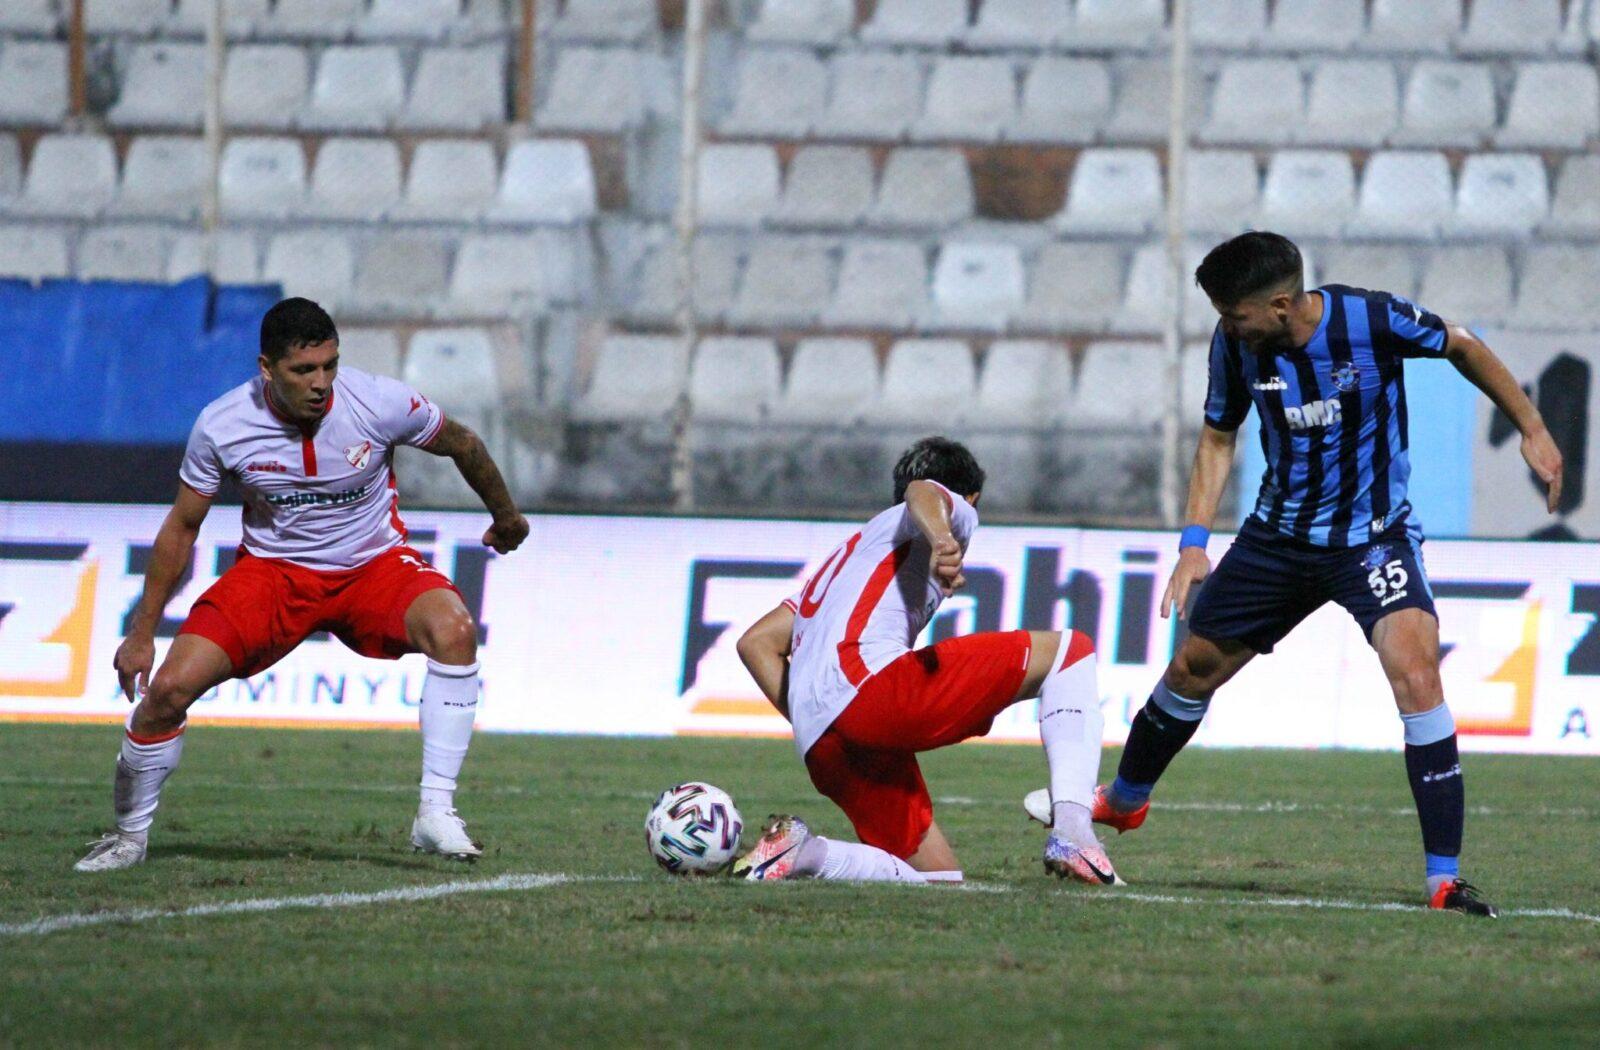 Adana Demirspor : 1-1 : Boluspor 21.09.2020 2 – 2 4